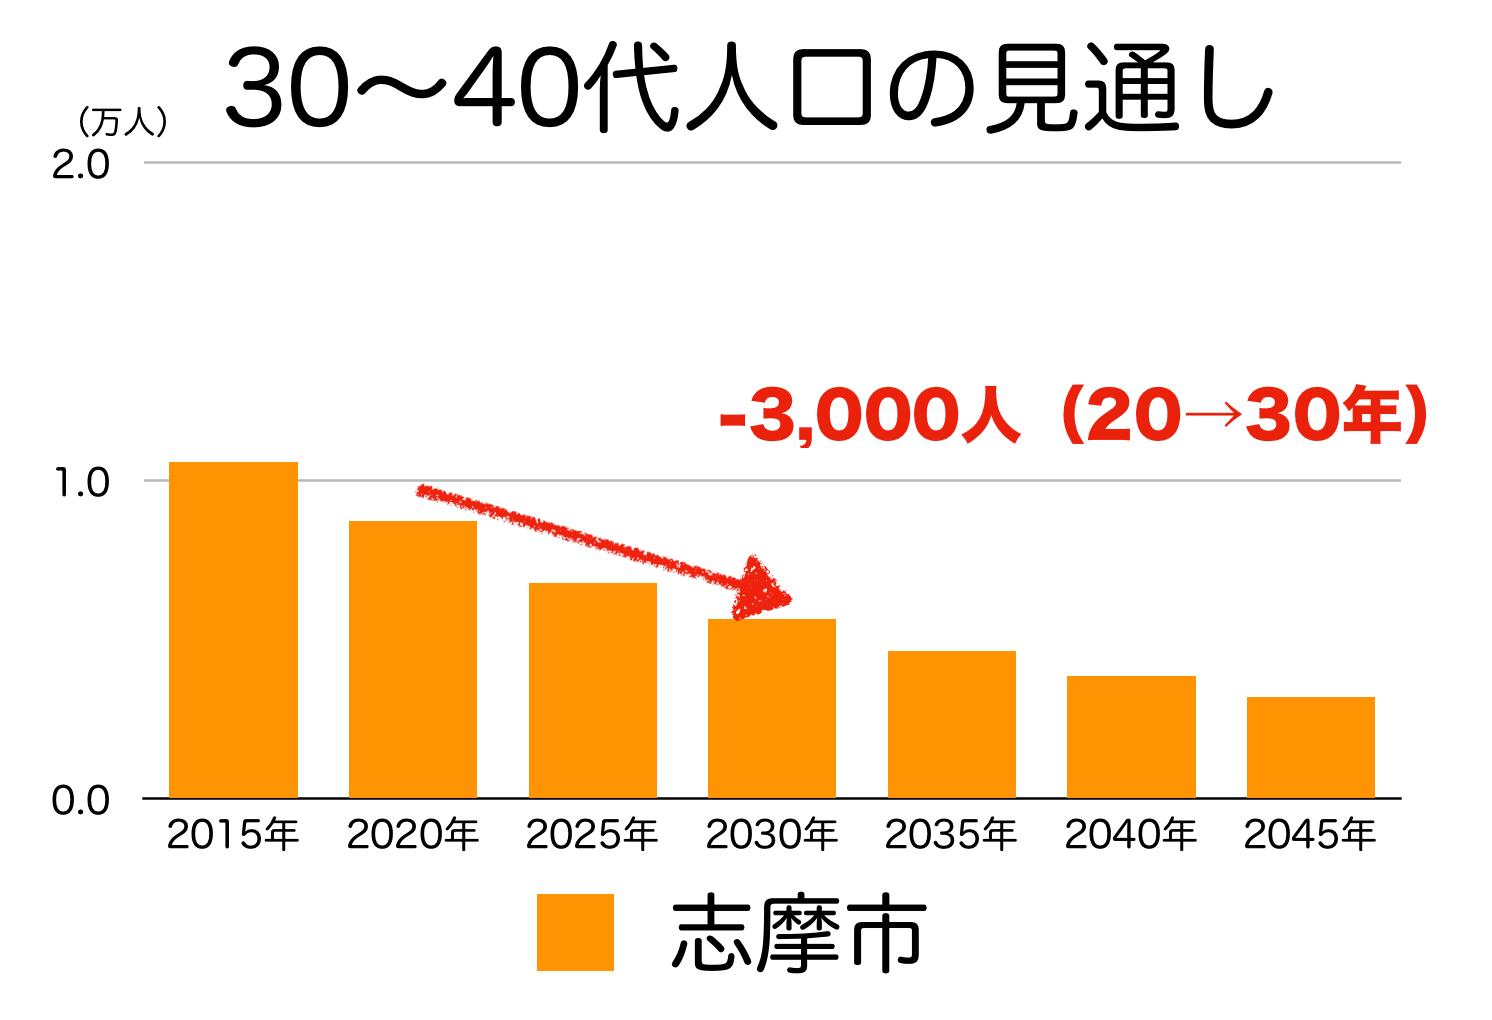 志摩市の30〜40代人口の予測